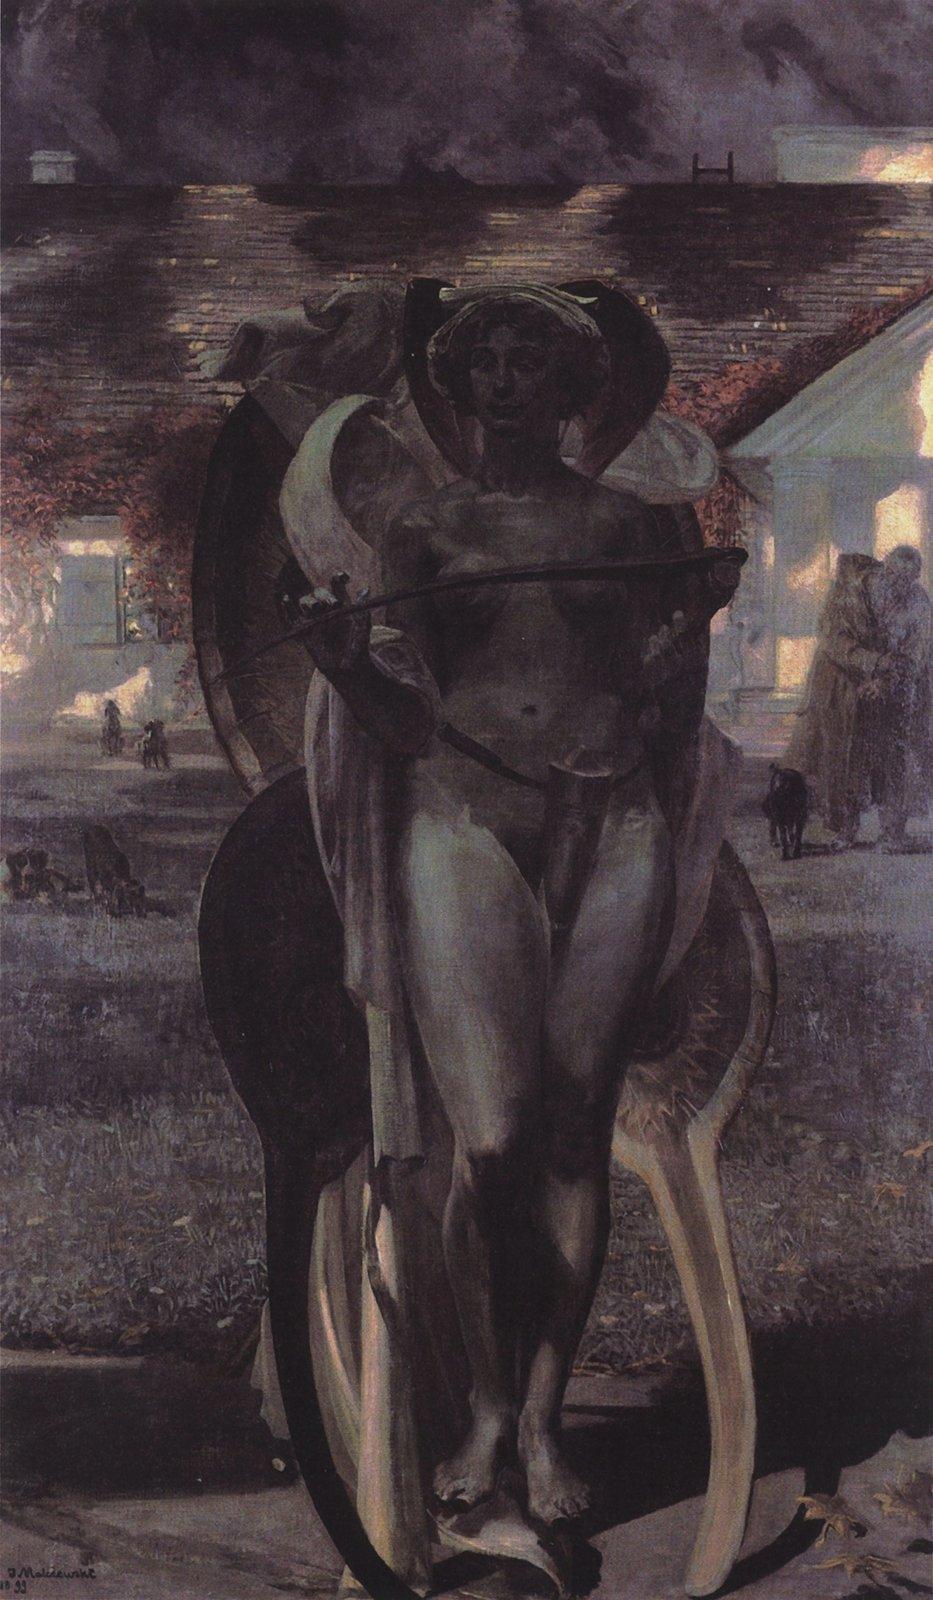 Thanatos II Źródło: Jacek Malczewski, Thanatos II, 1899, Muzeum Sztuki wŁodzi, domena publiczna.